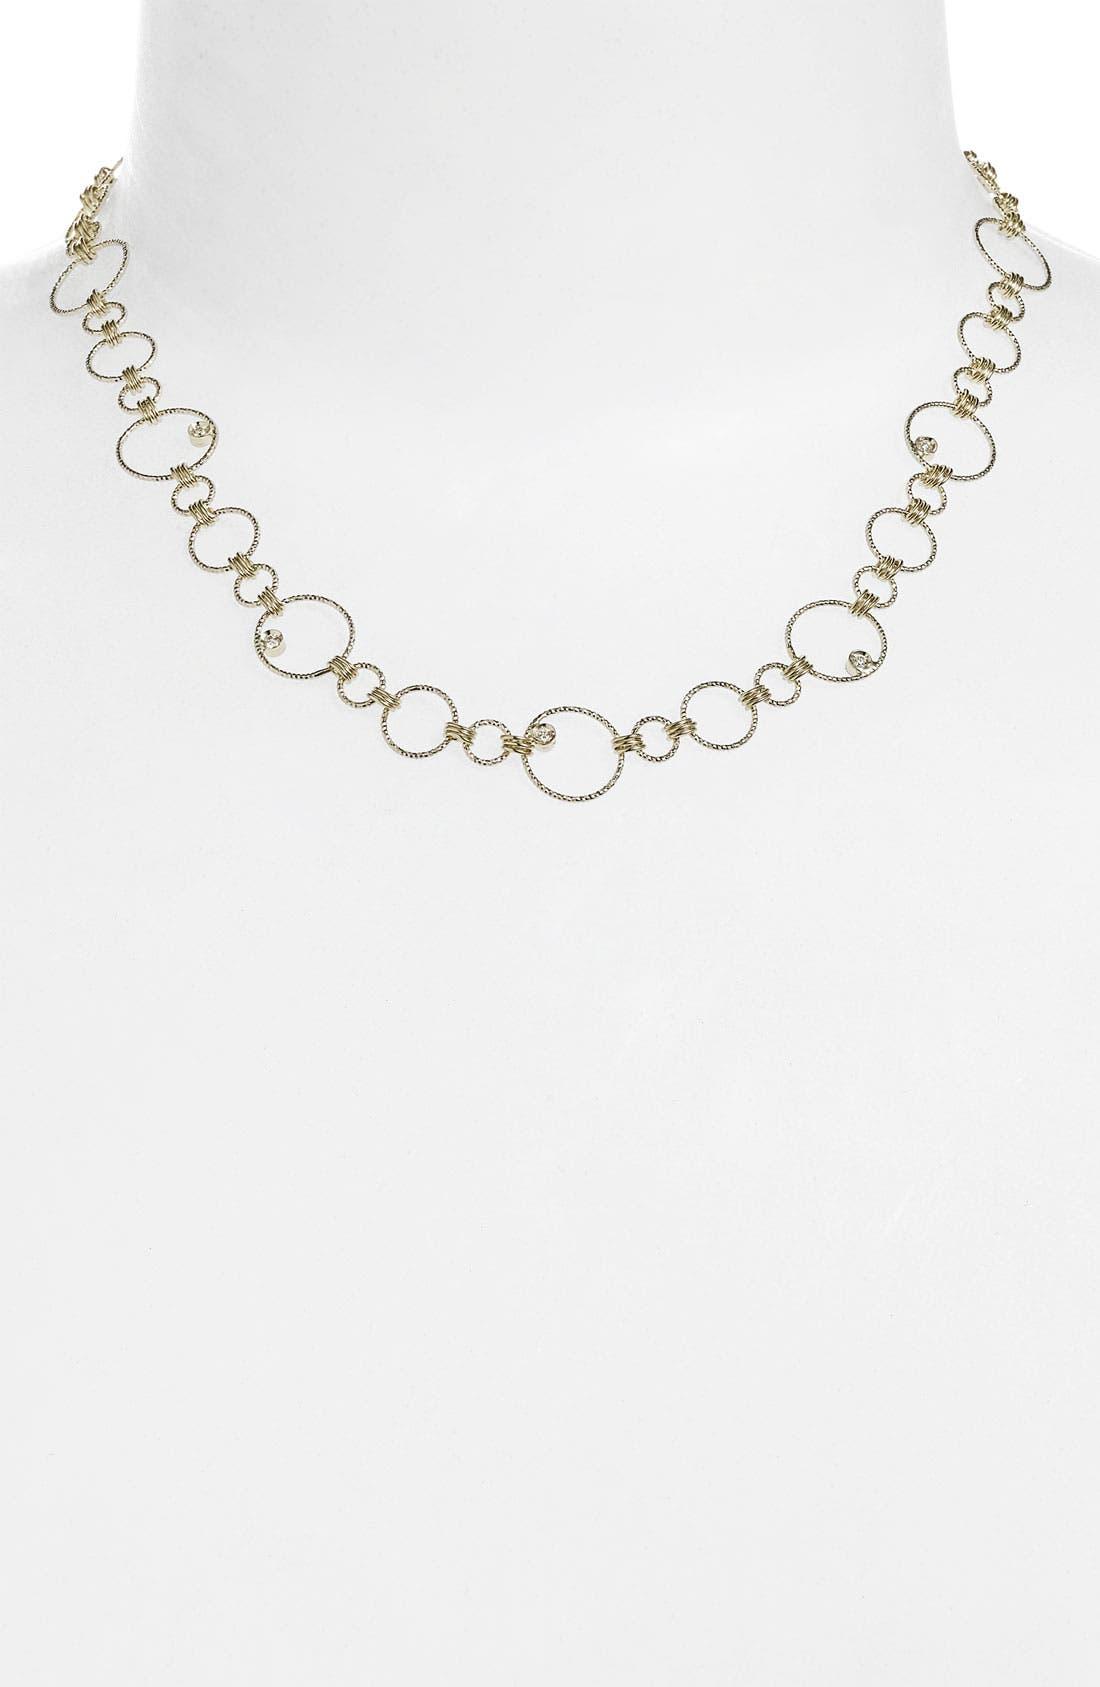 Main Image - Roberto Coin 'Moresque' Diamond Necklace